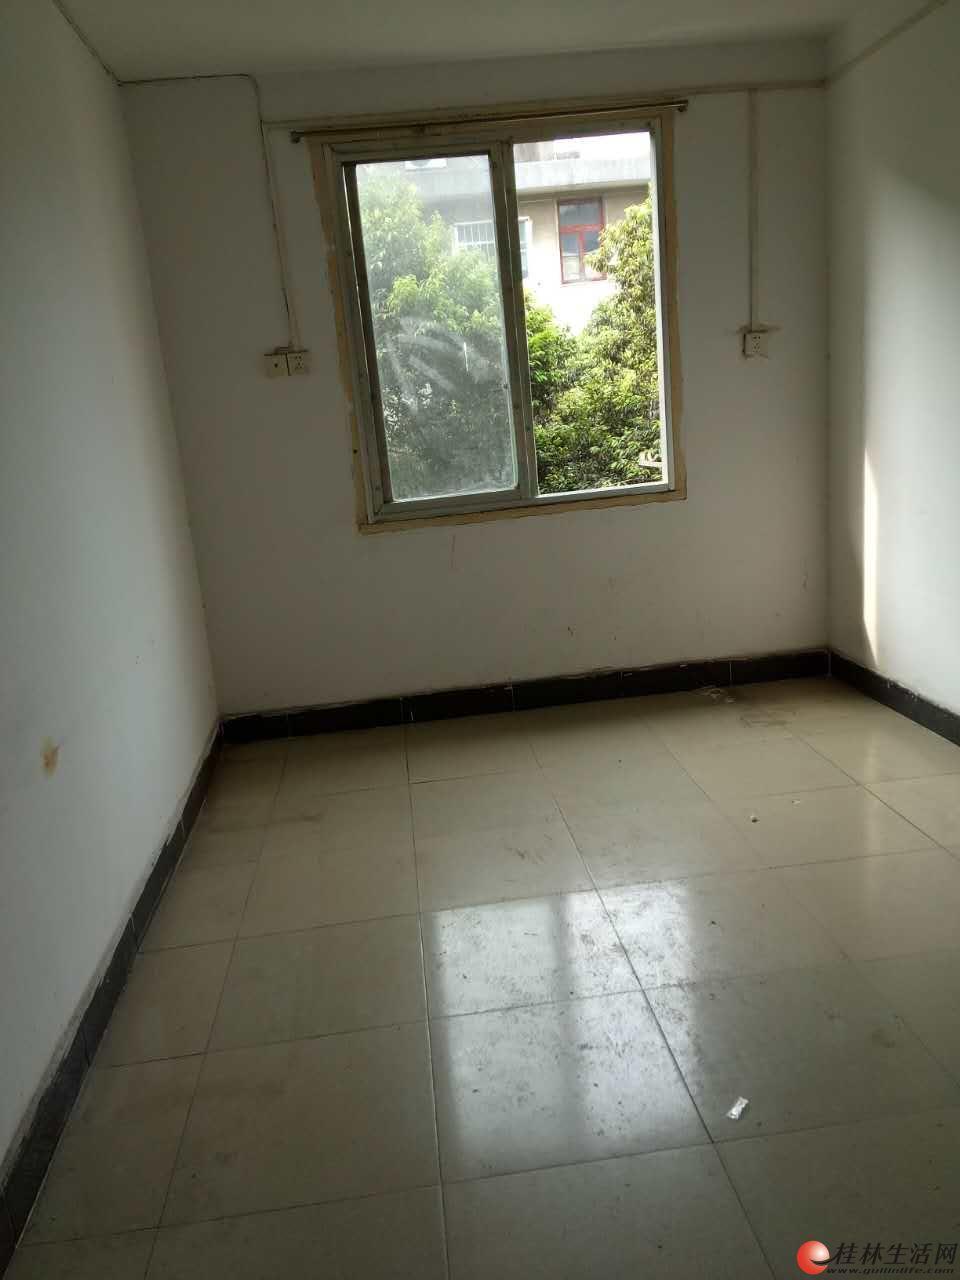 篦子园小区两房一厅,5楼60平方,29万